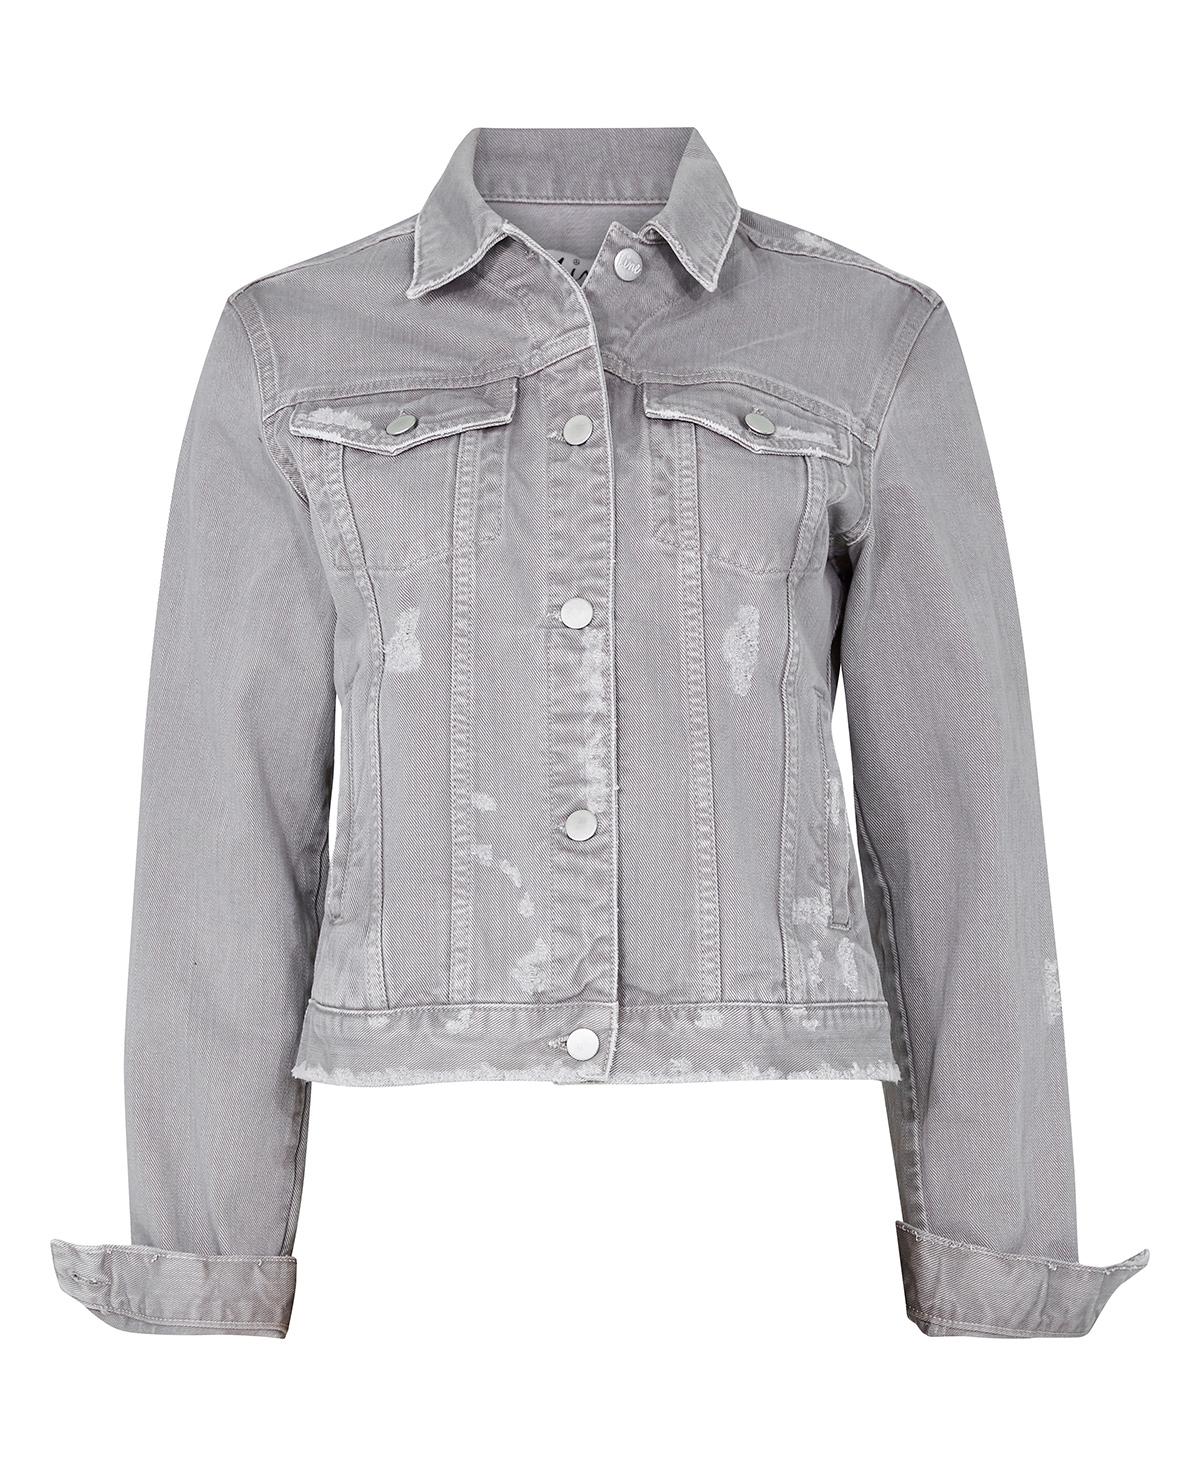 Yale denim jacket